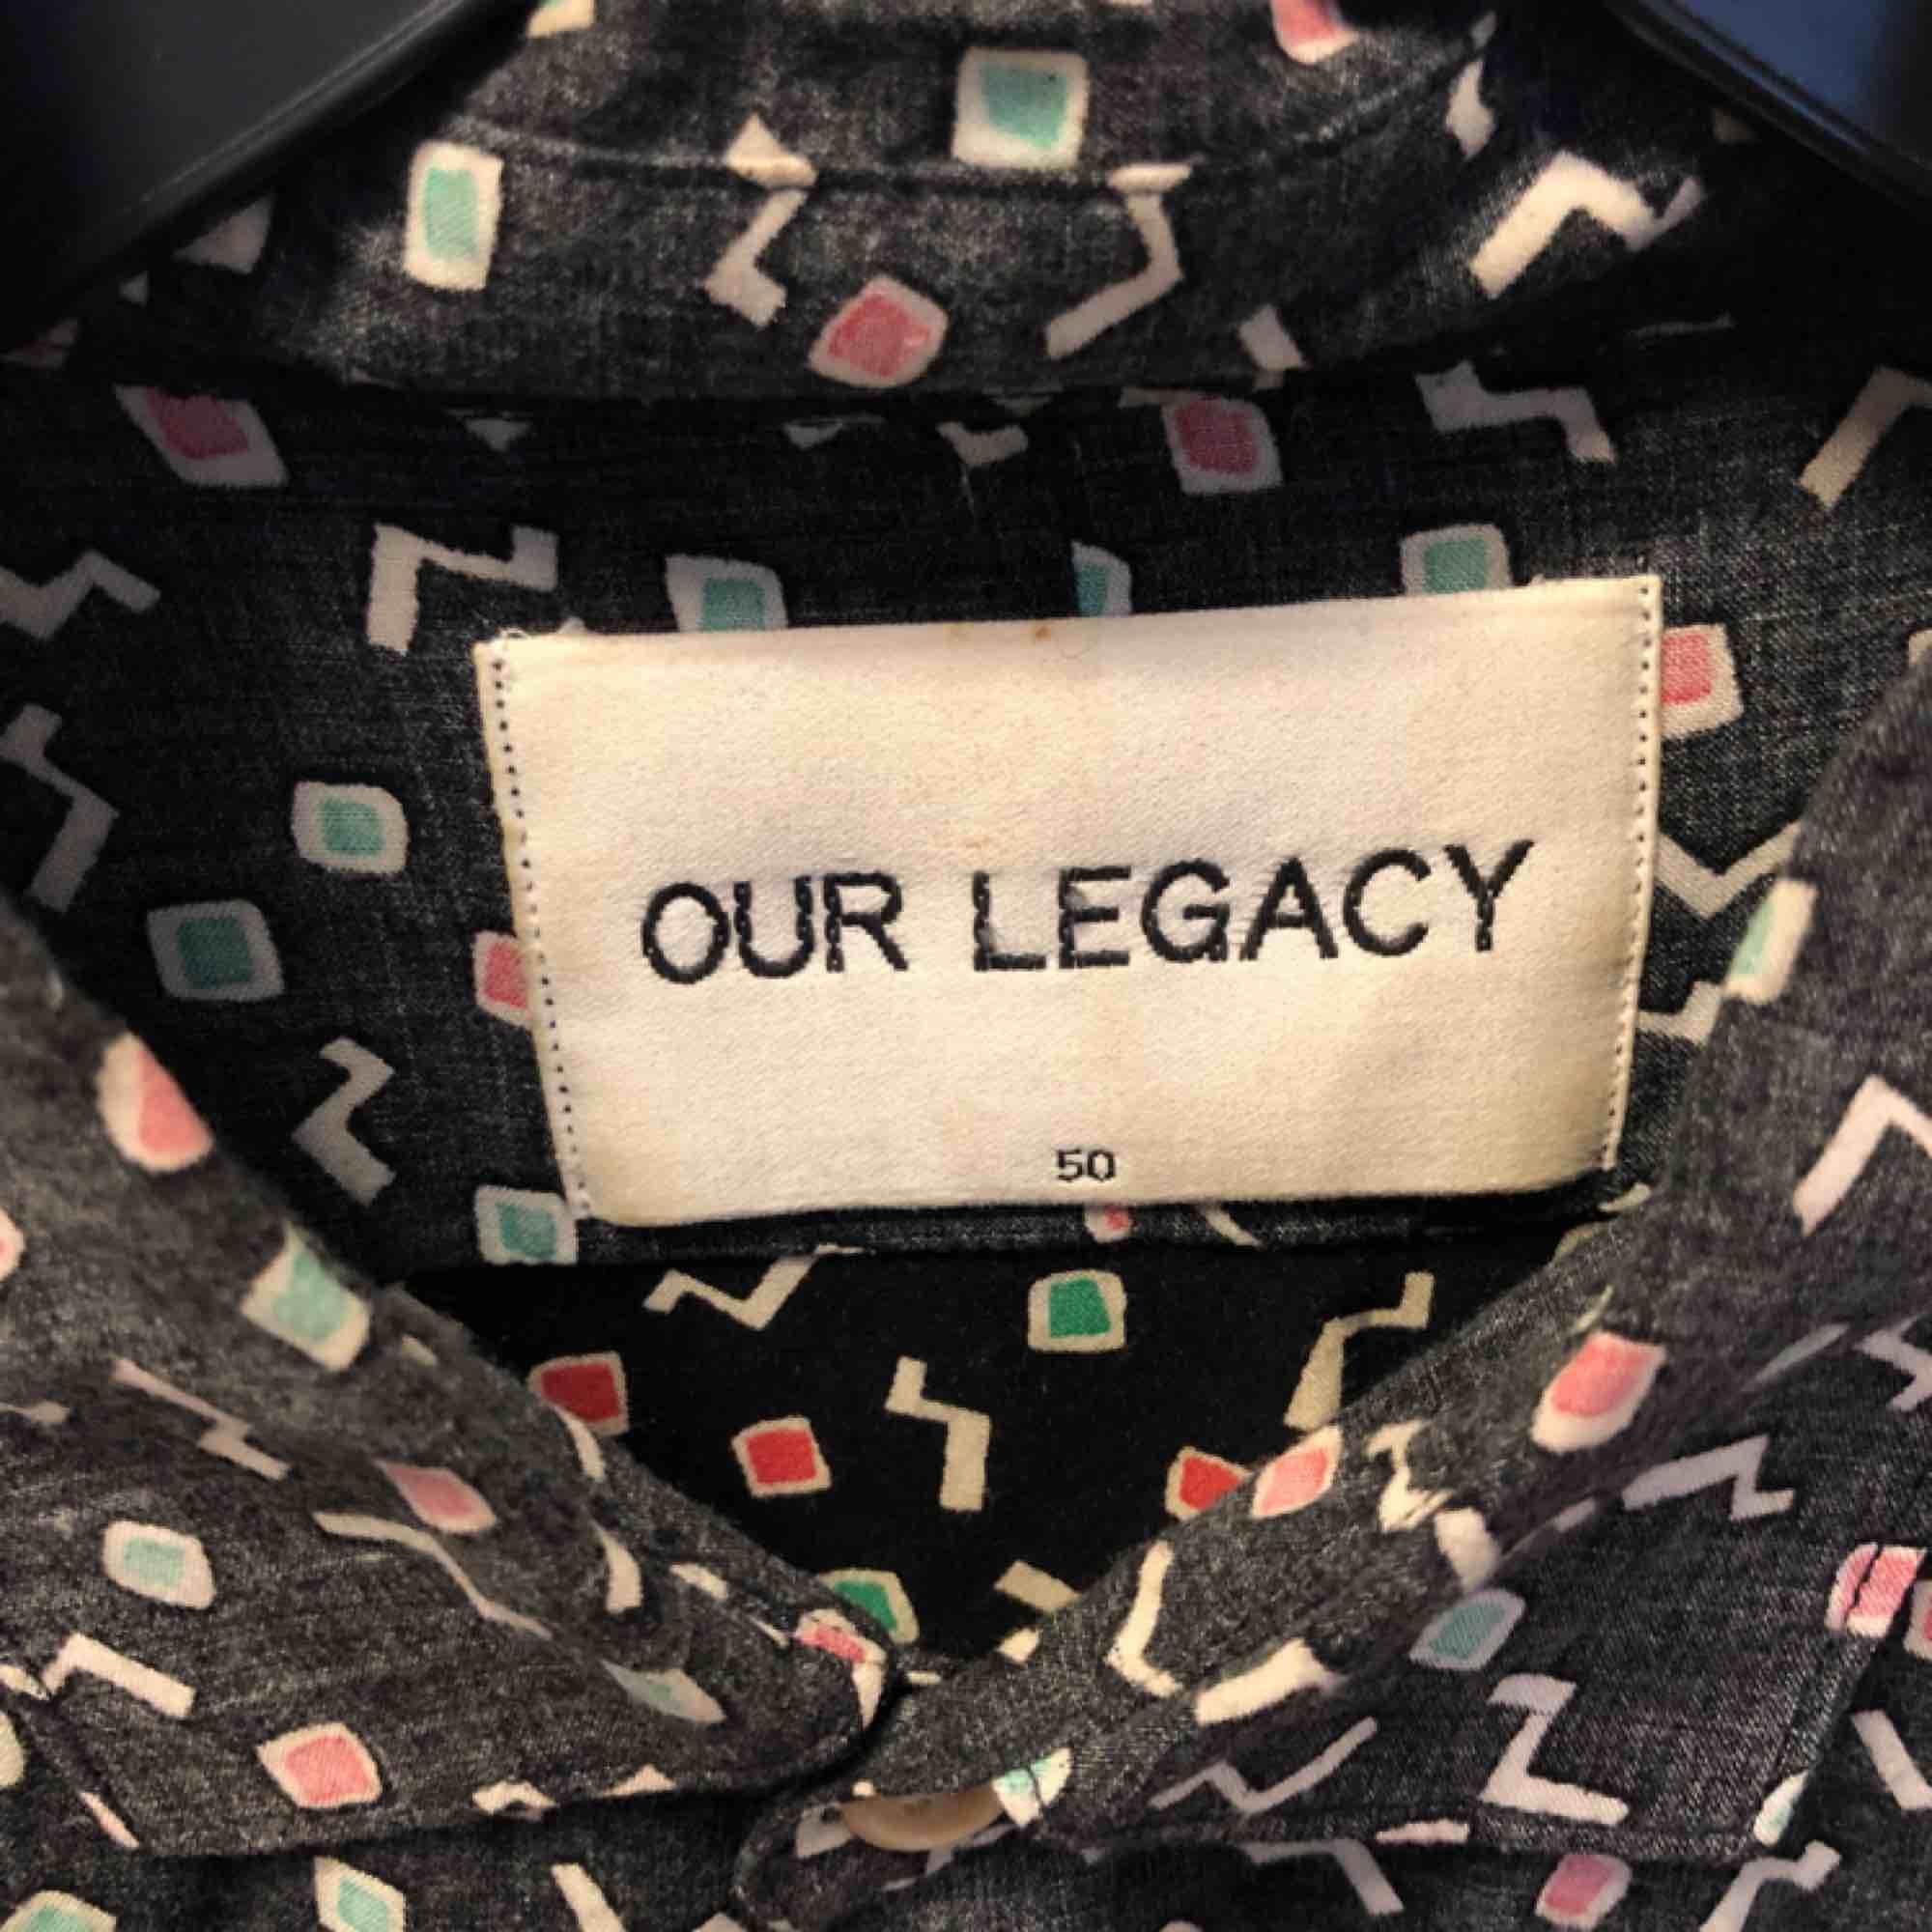 En av mina personliga favoriter från Our legacy i underbart material (viskos), sitter mer som en 48 än en 50. Skjortor.